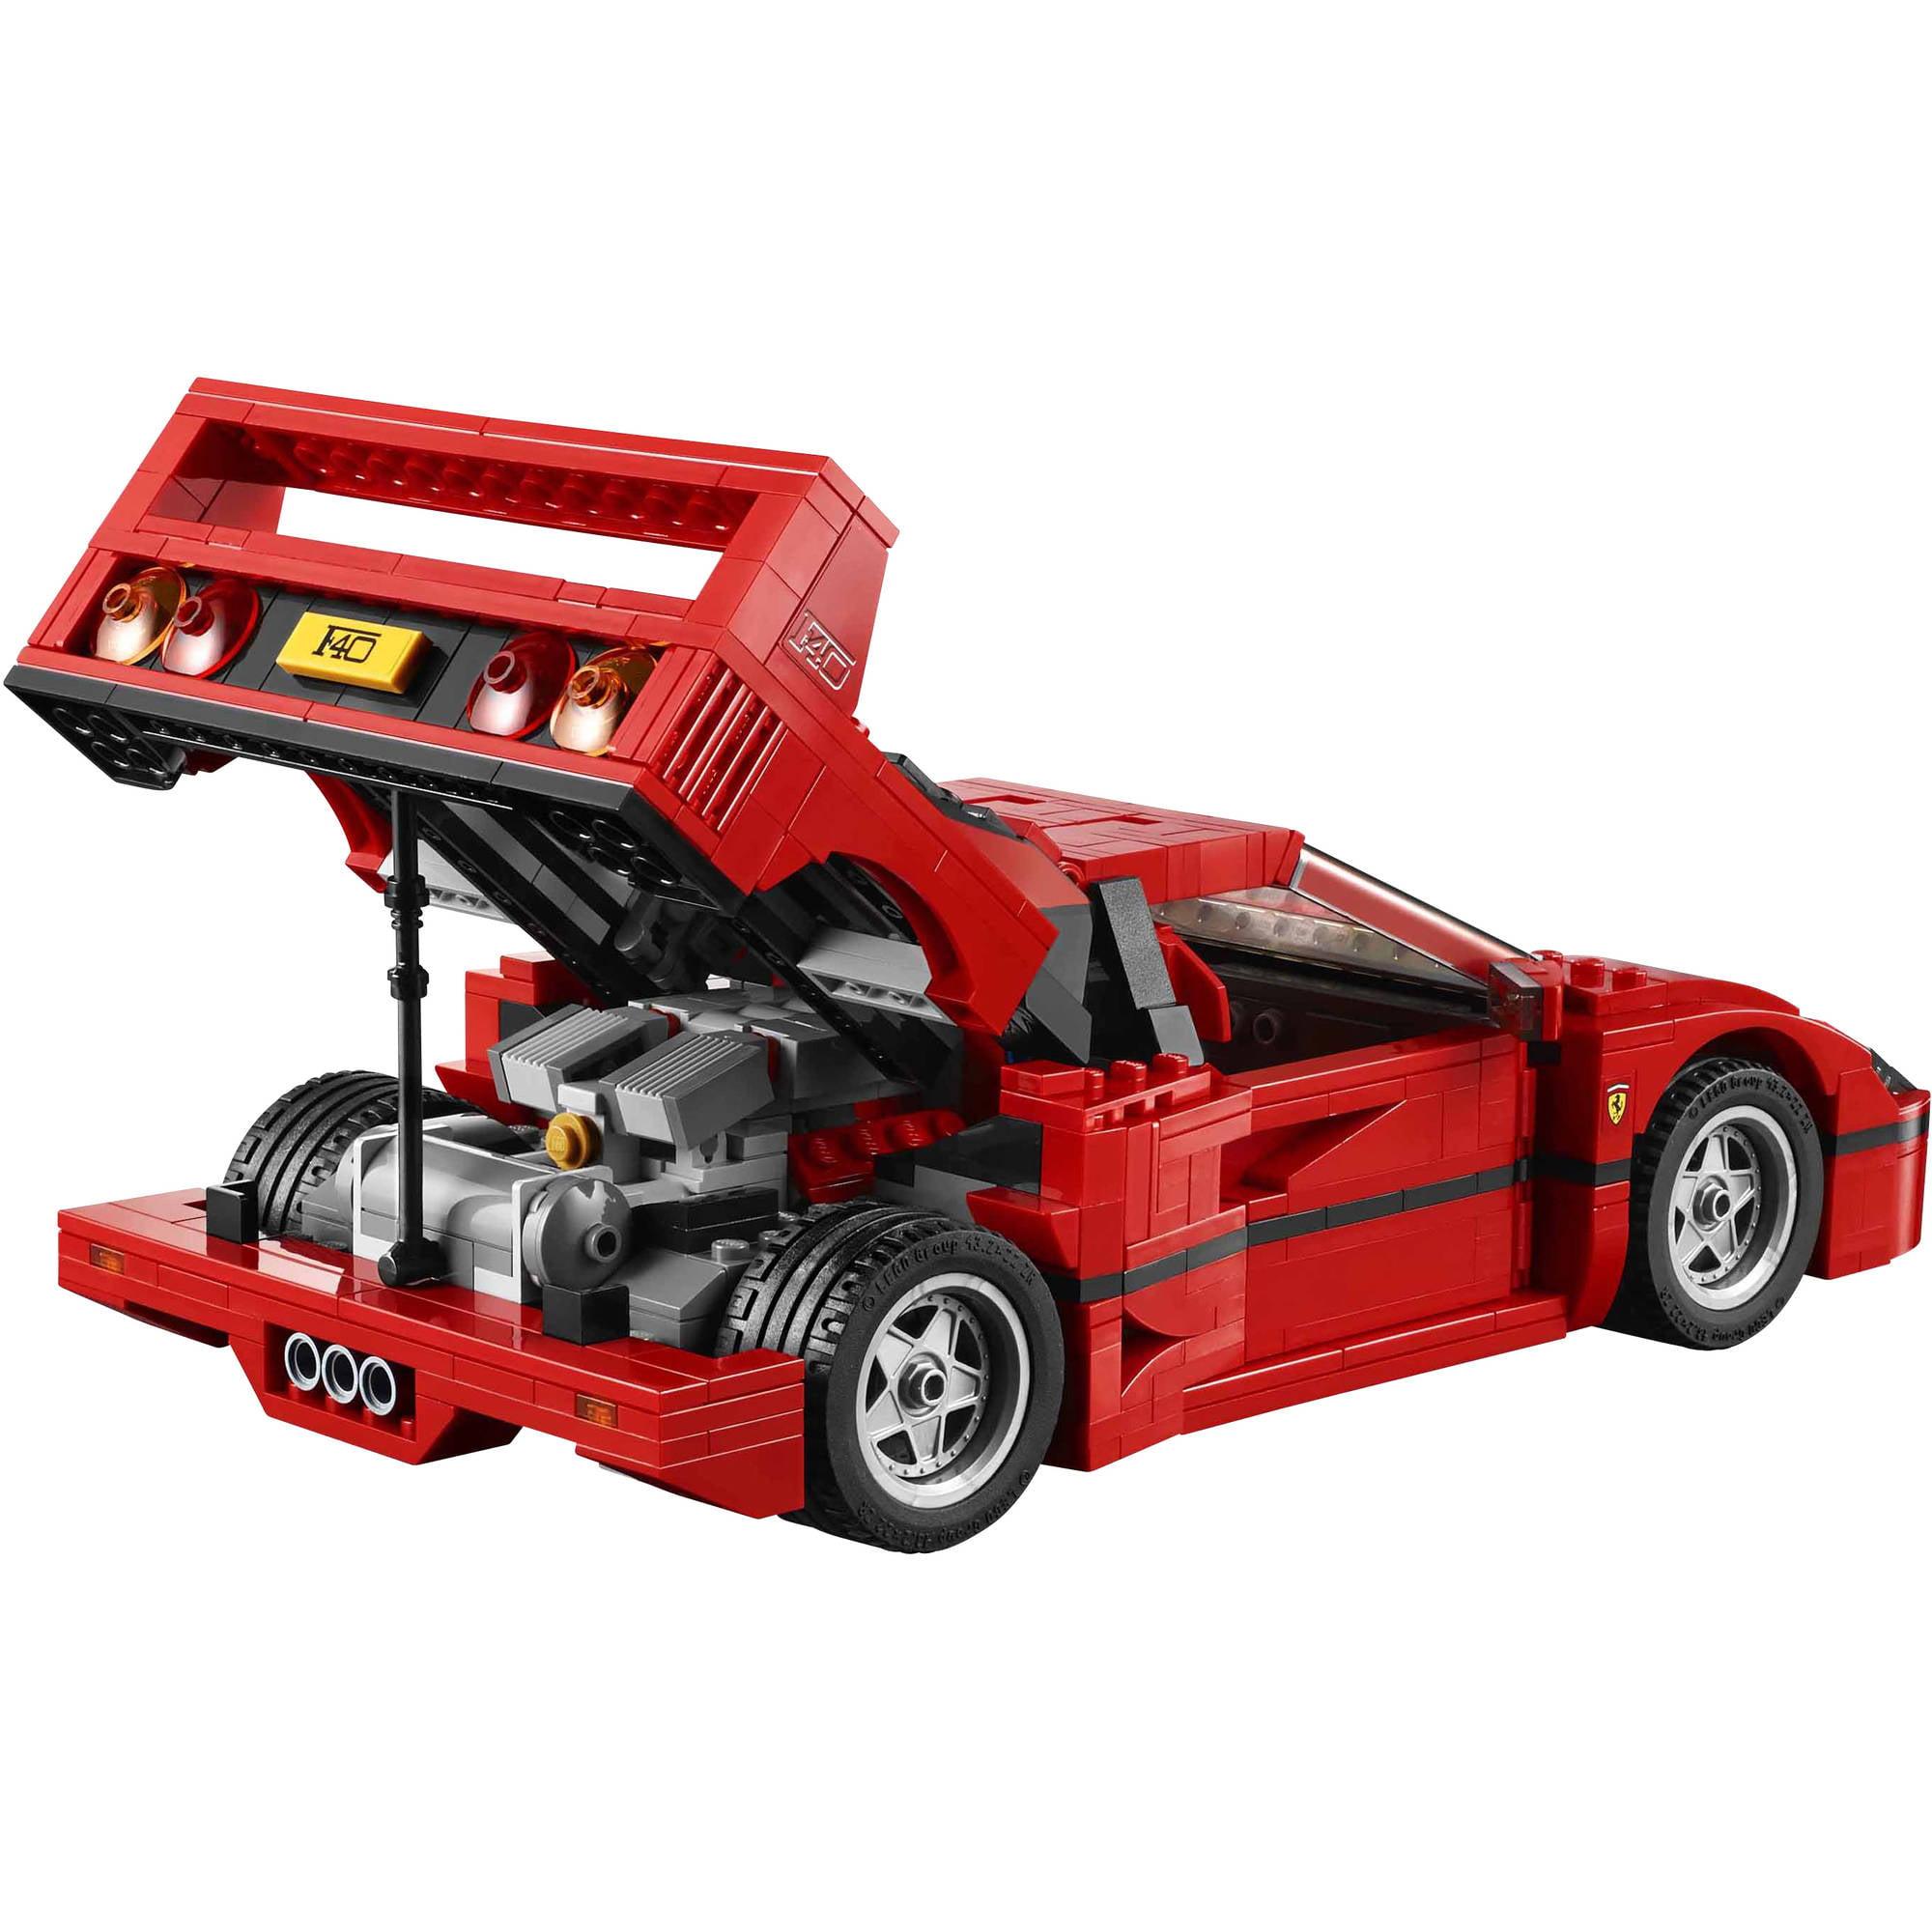 Lego creator expert ferrari f40 10248 walmart vanachro Images